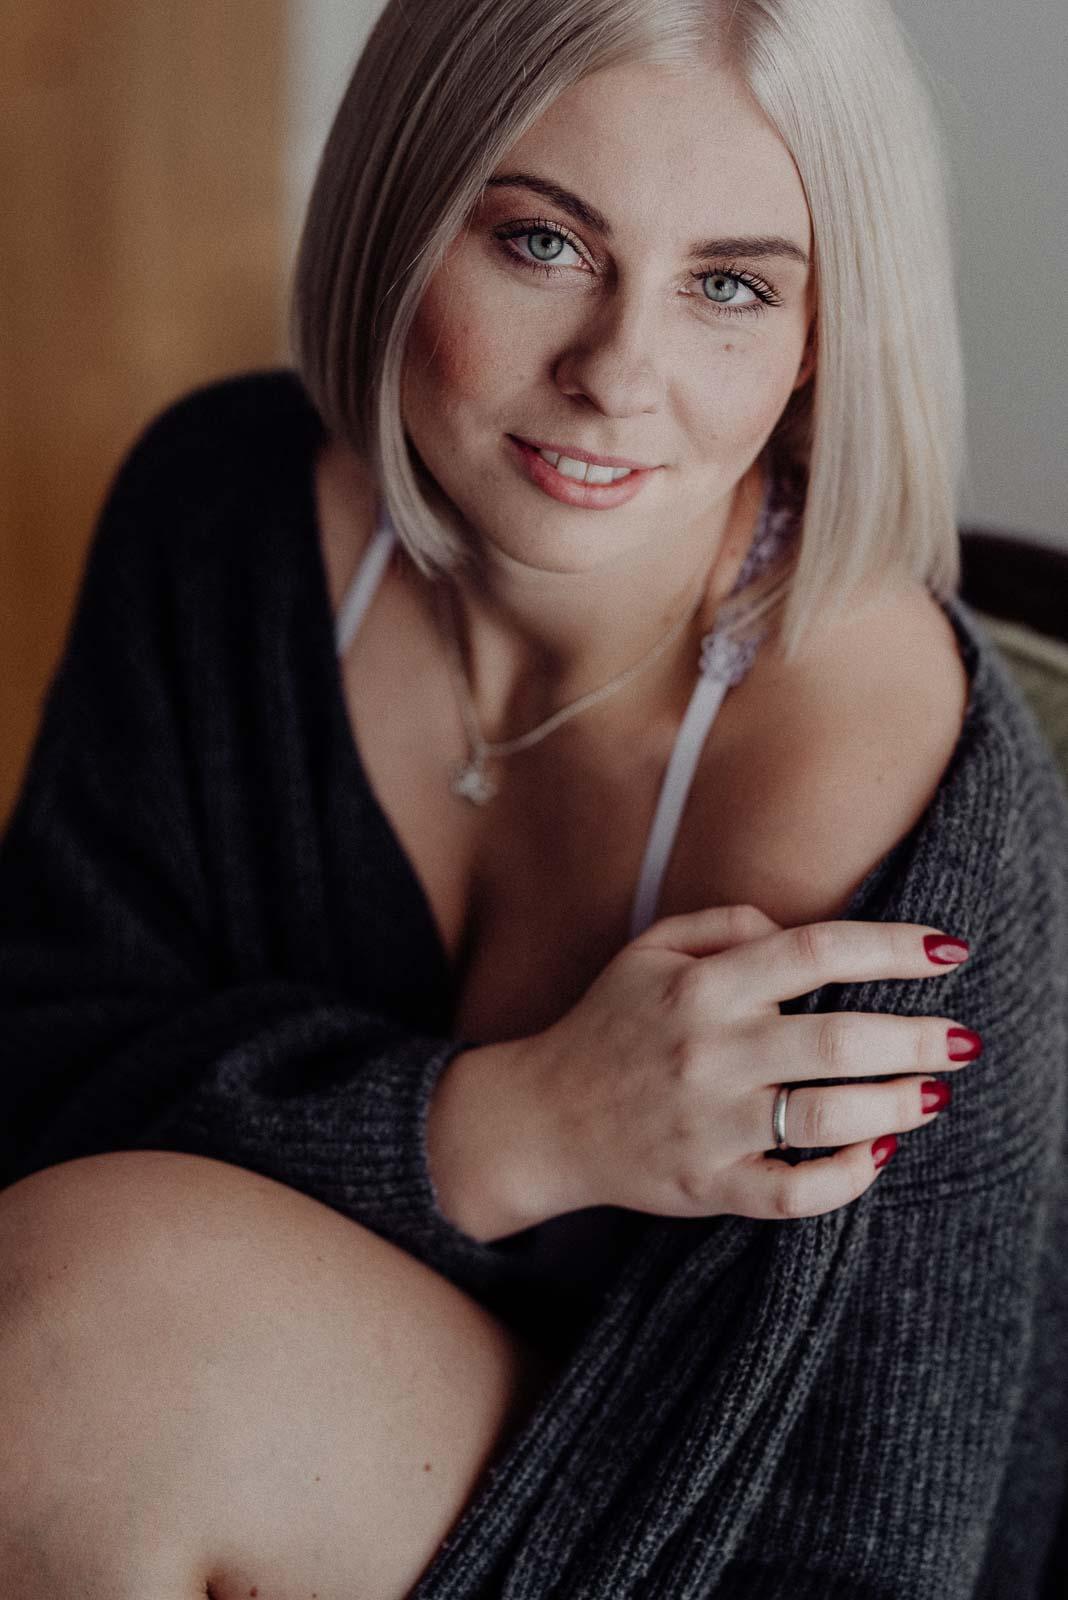 Frau mit blonden Haaren schaut in die Kamera